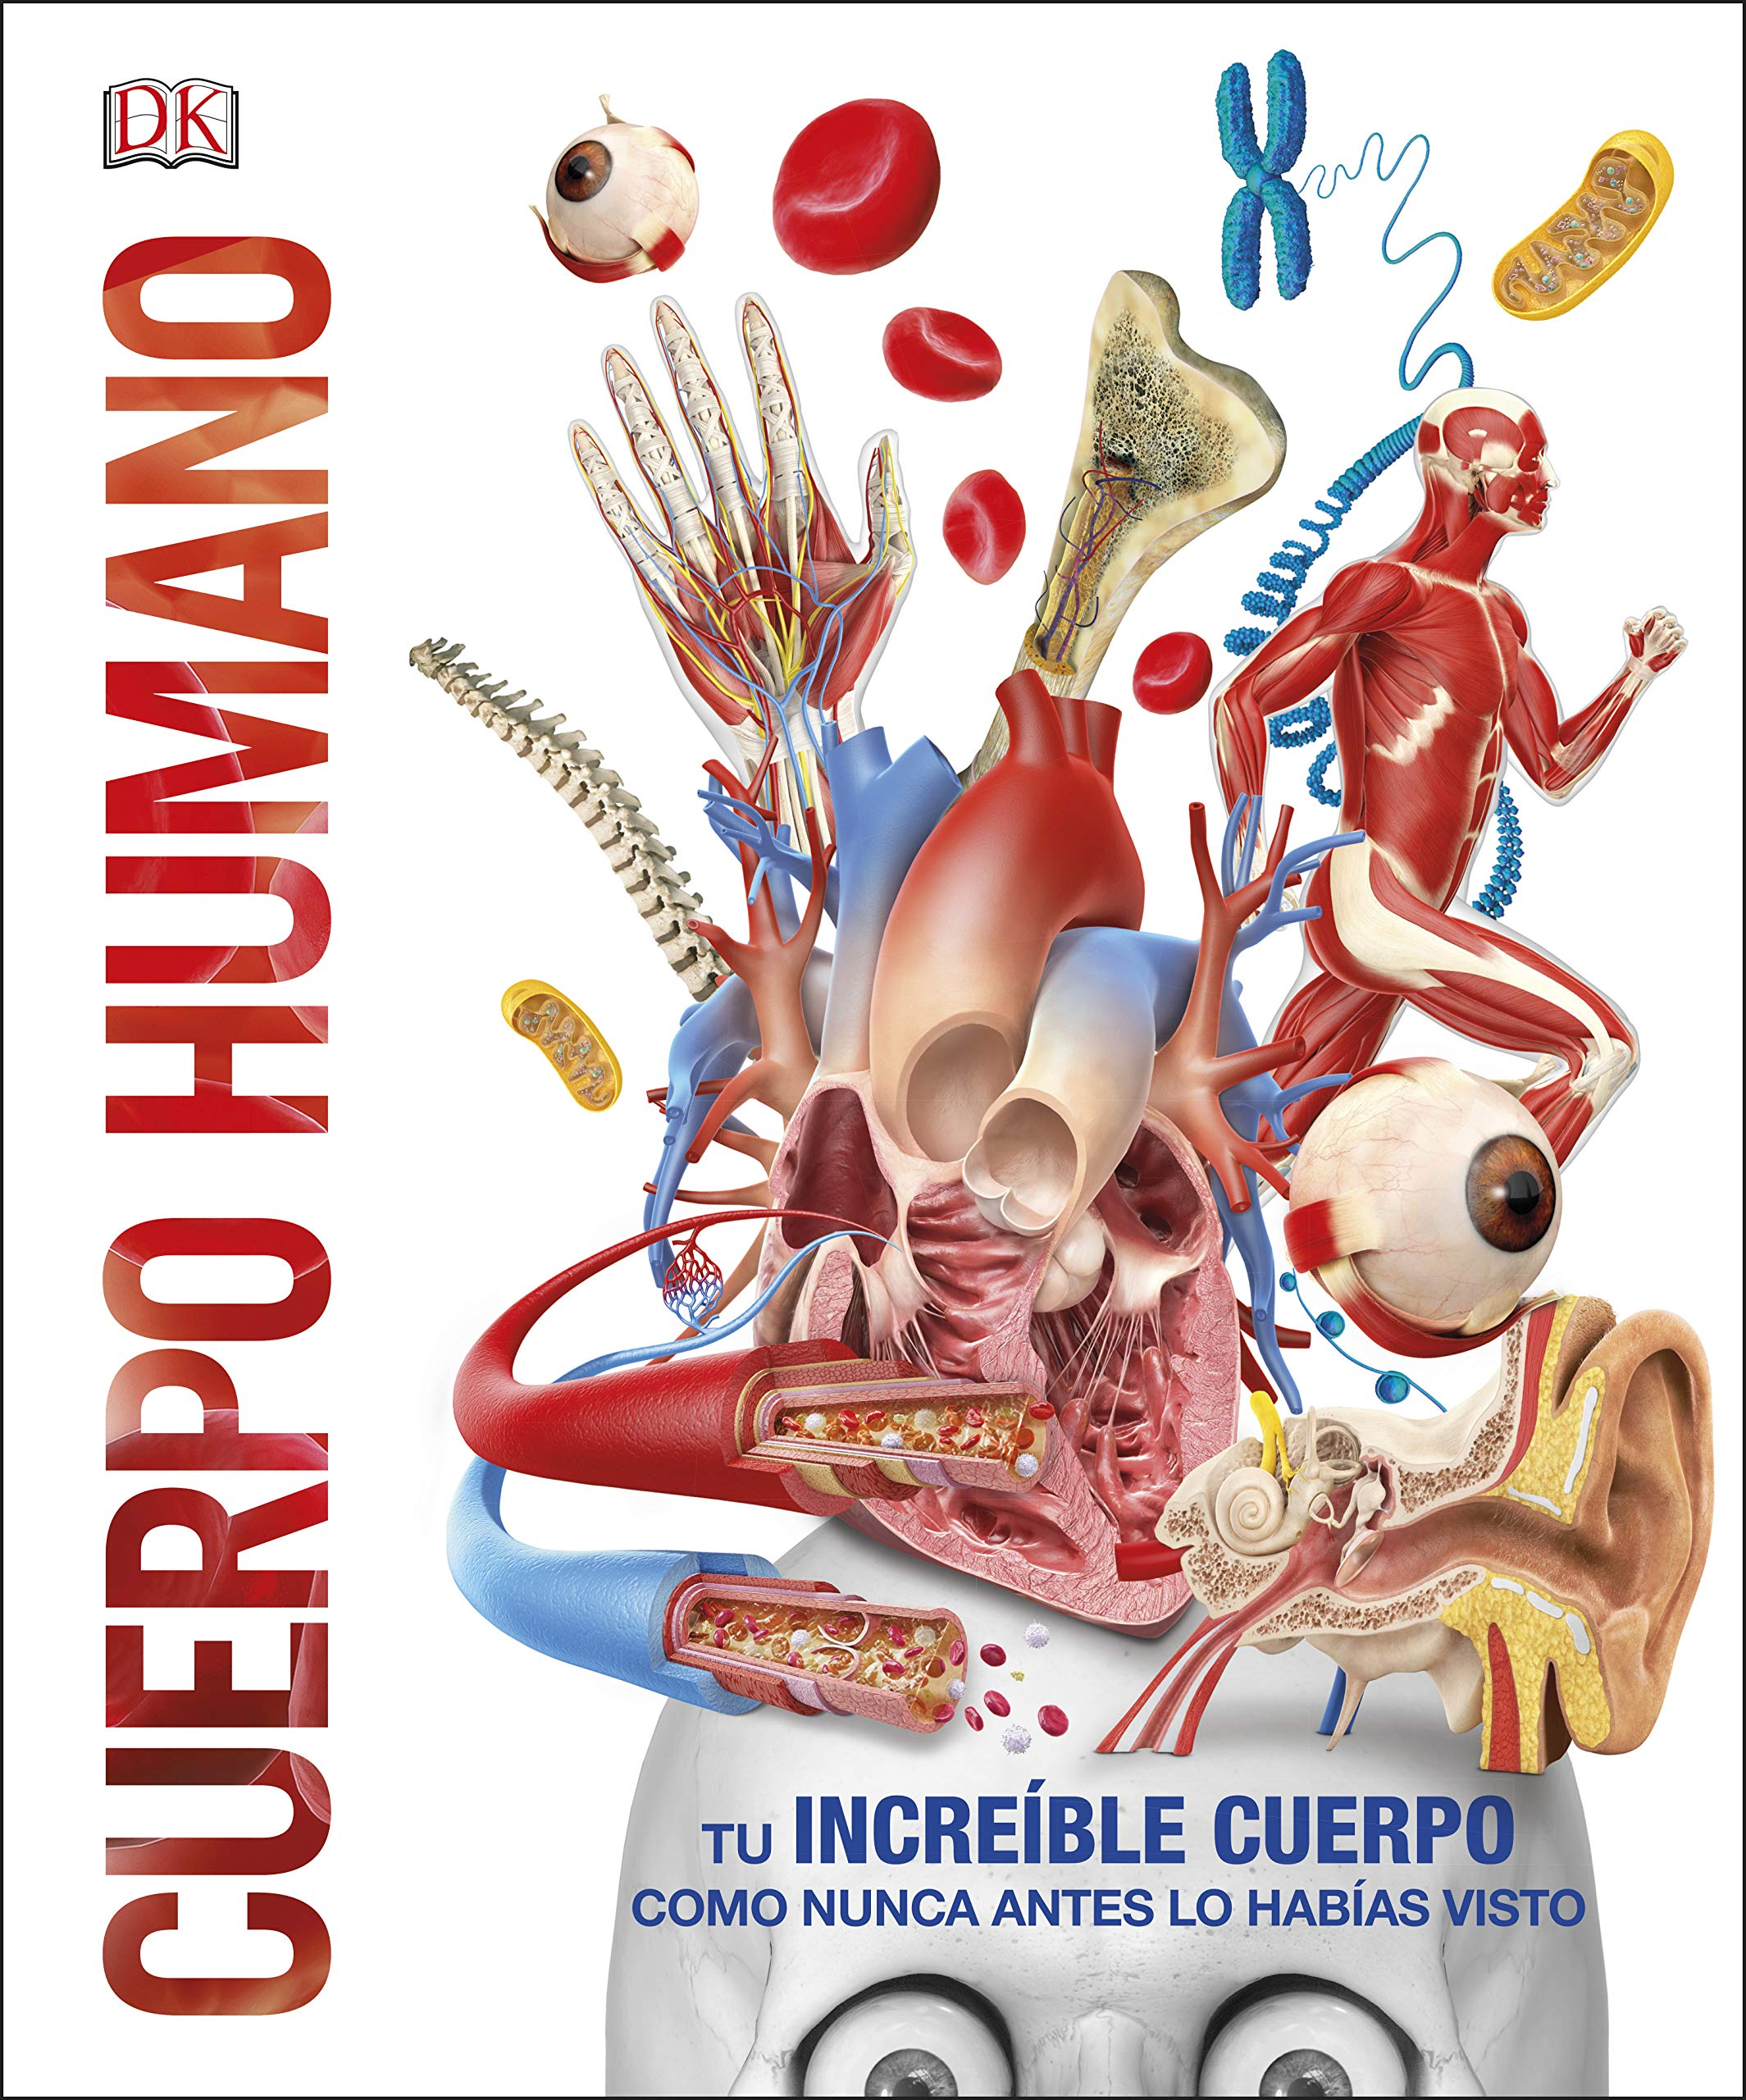 Cuerpo humano: Como nunca antes lo habías visto Conocimiento ...